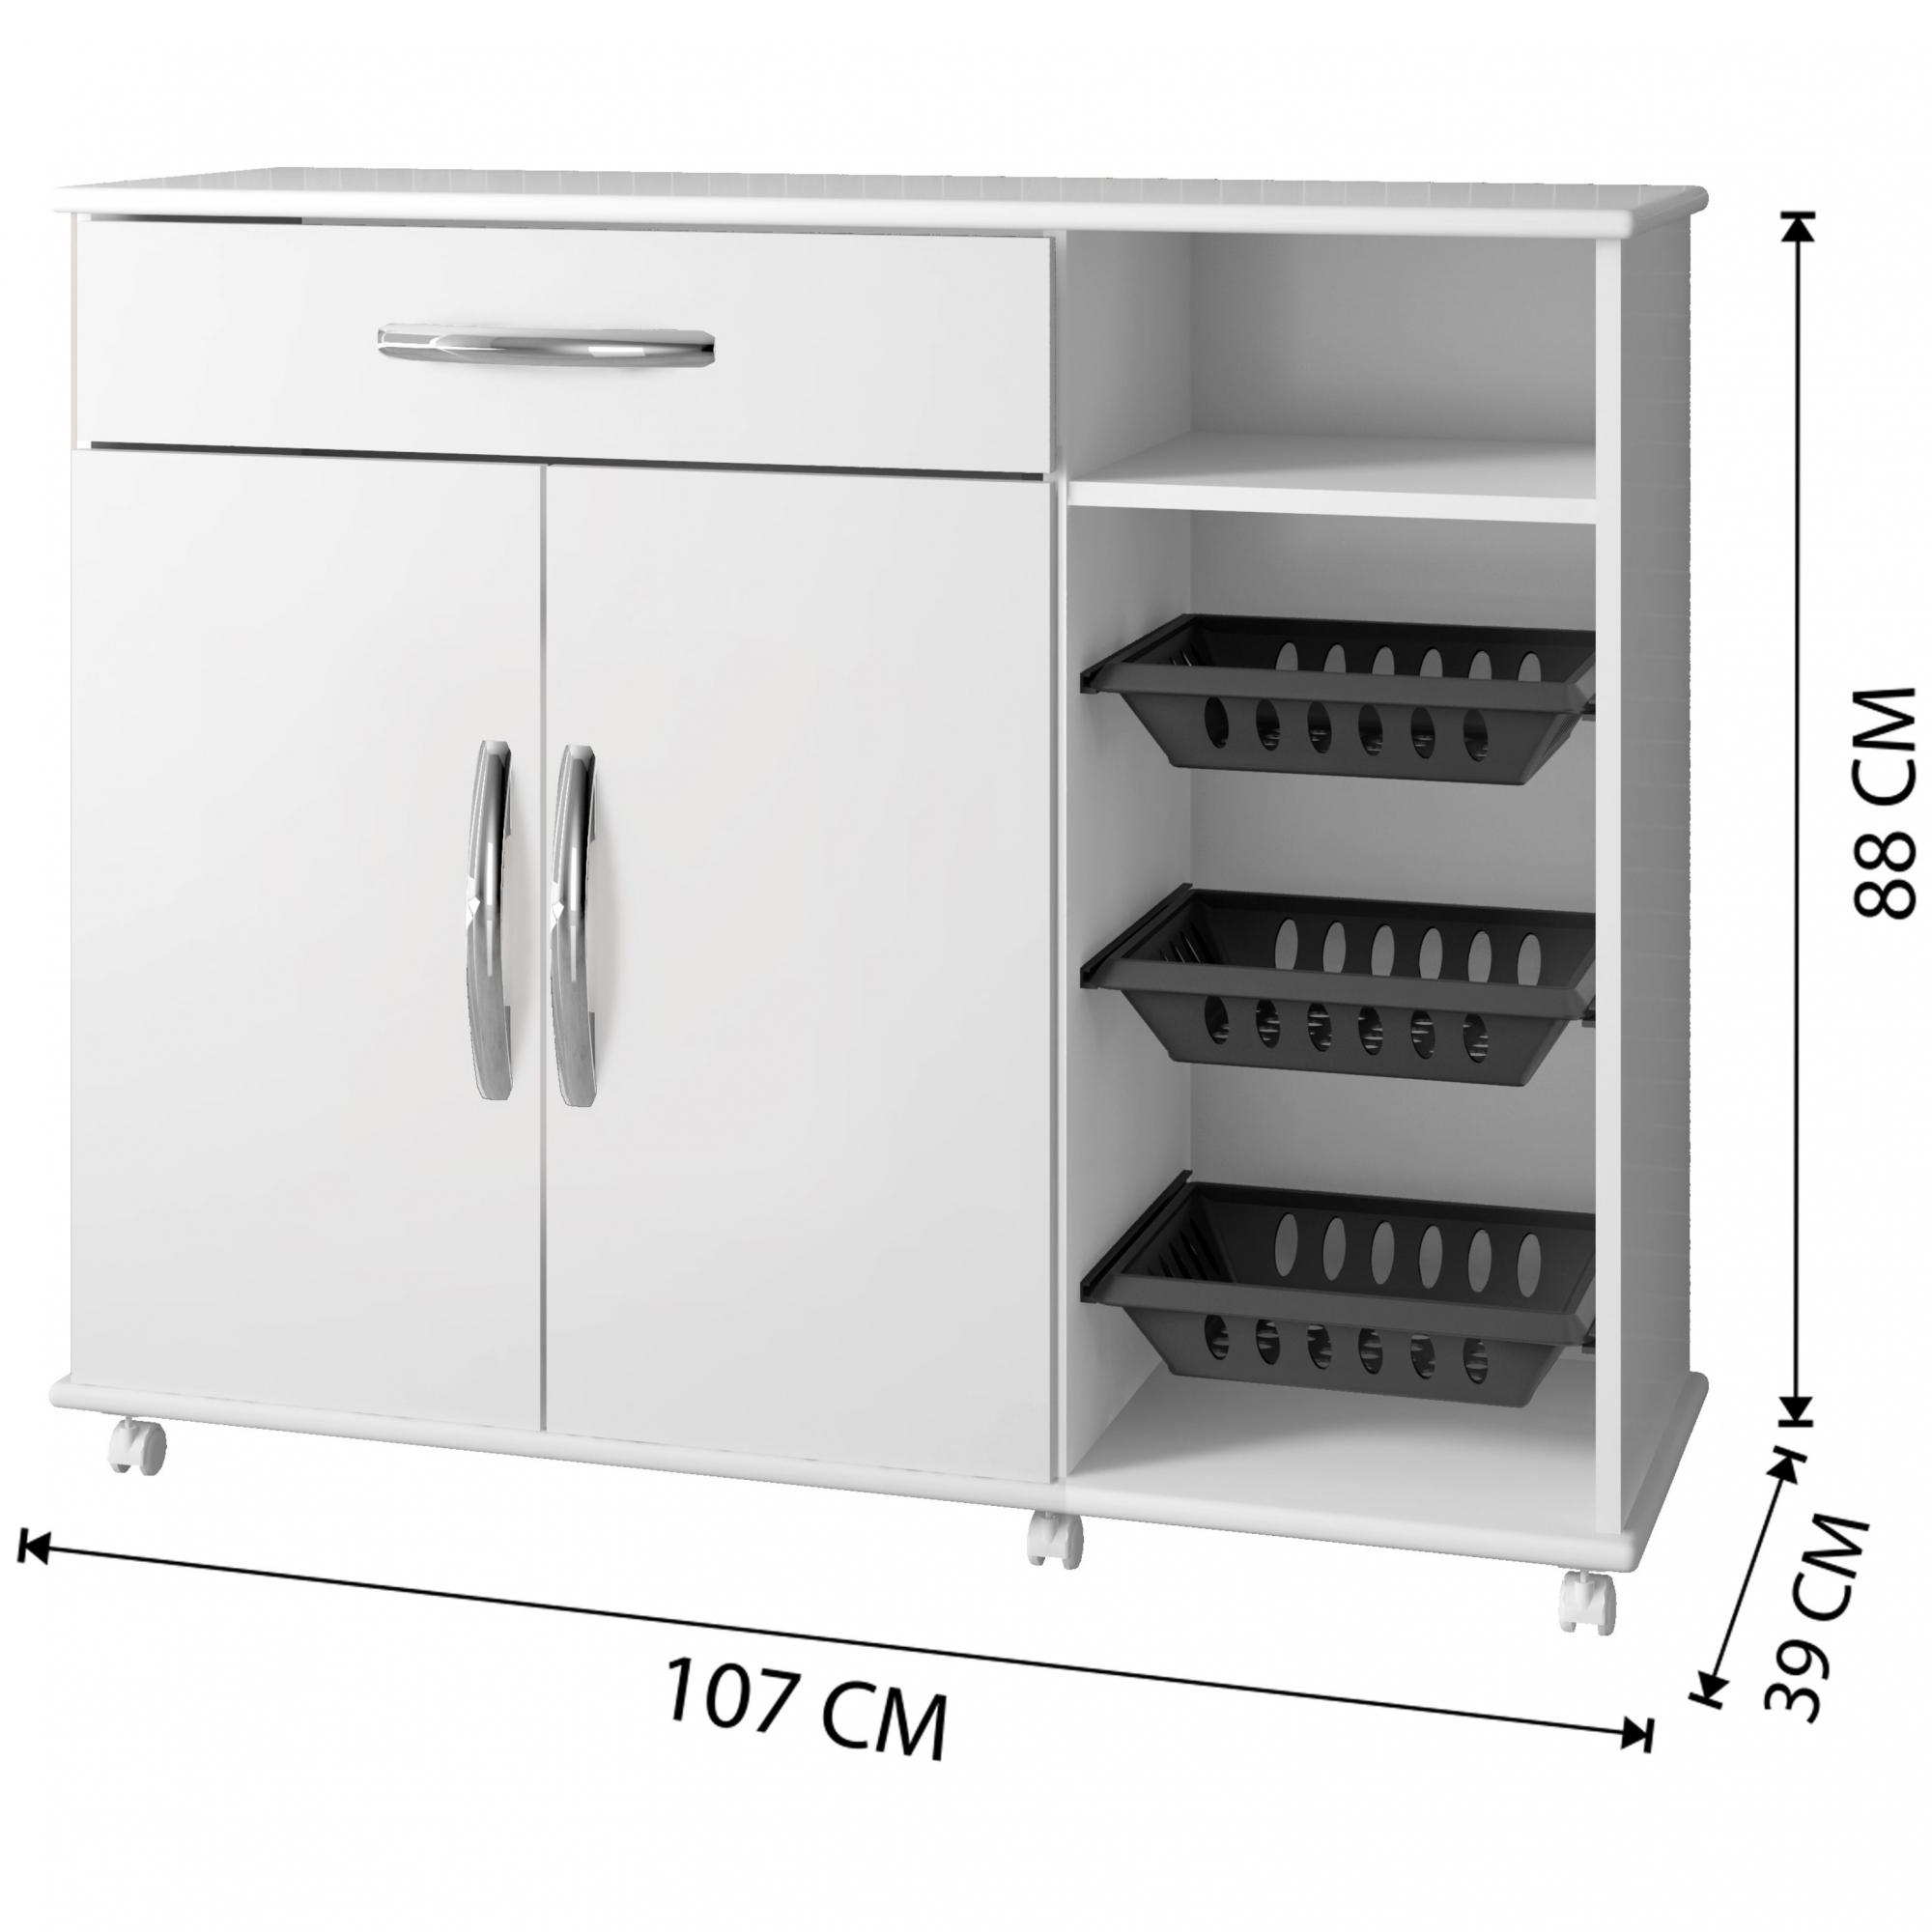 Fruteira Salinas Armário de Cozinha Área Suporte microondas